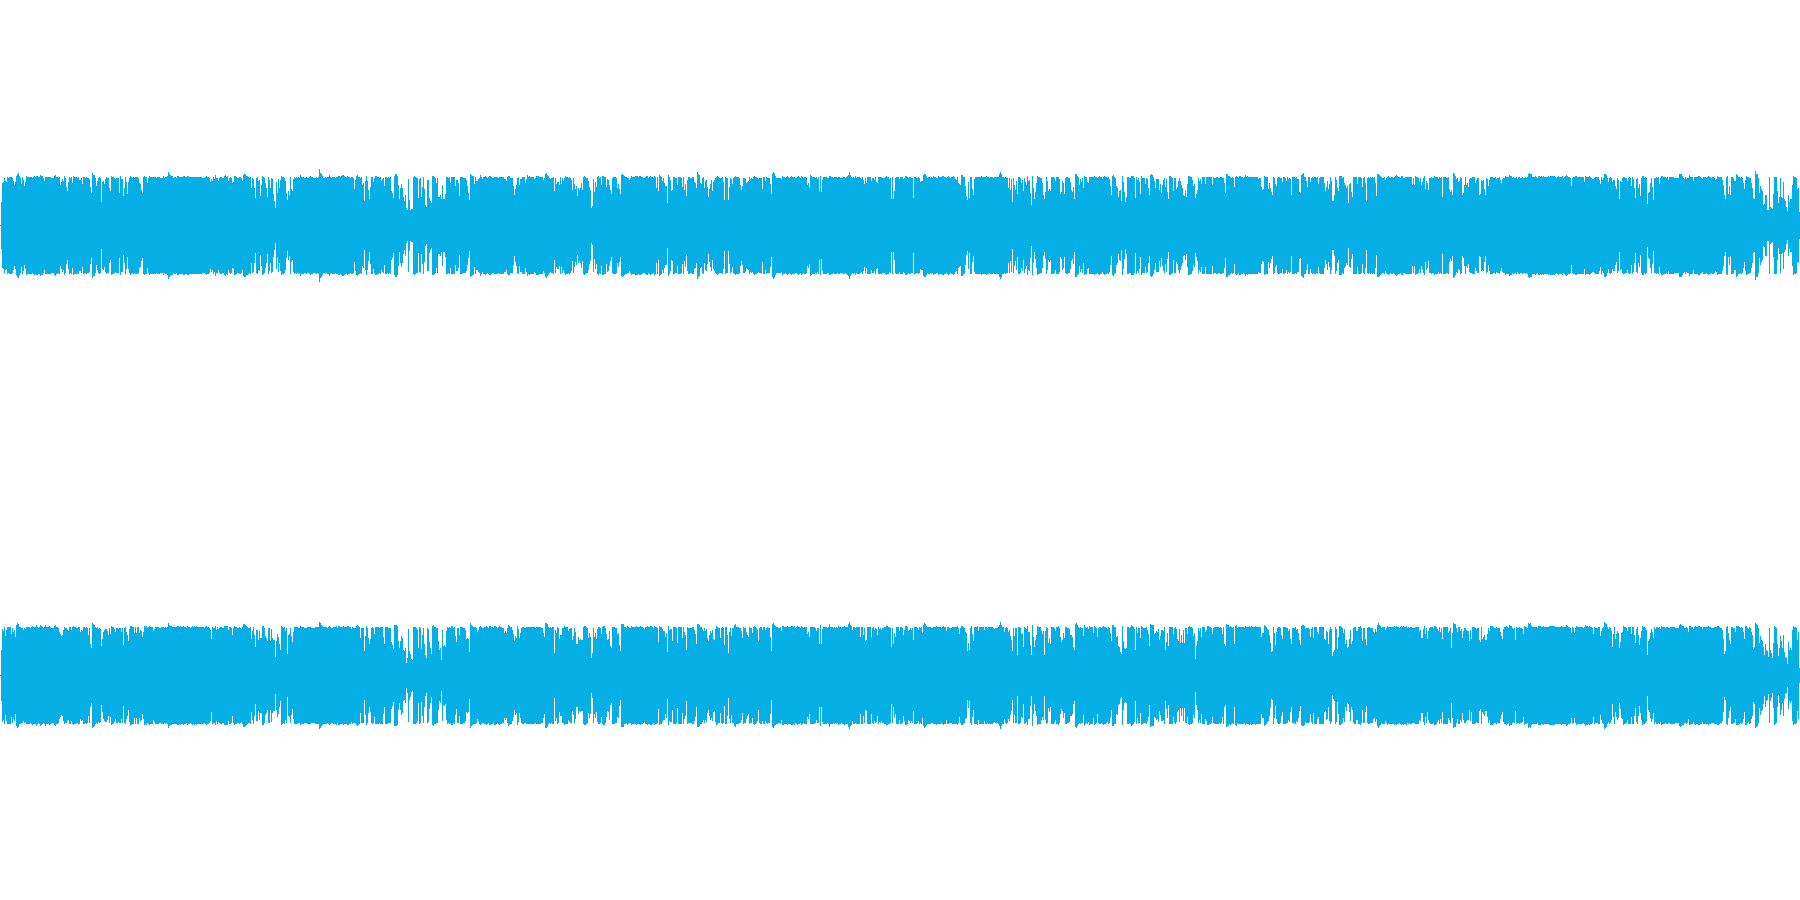 「ループ音源シリーズ」部族が生活を営ん…の再生済みの波形